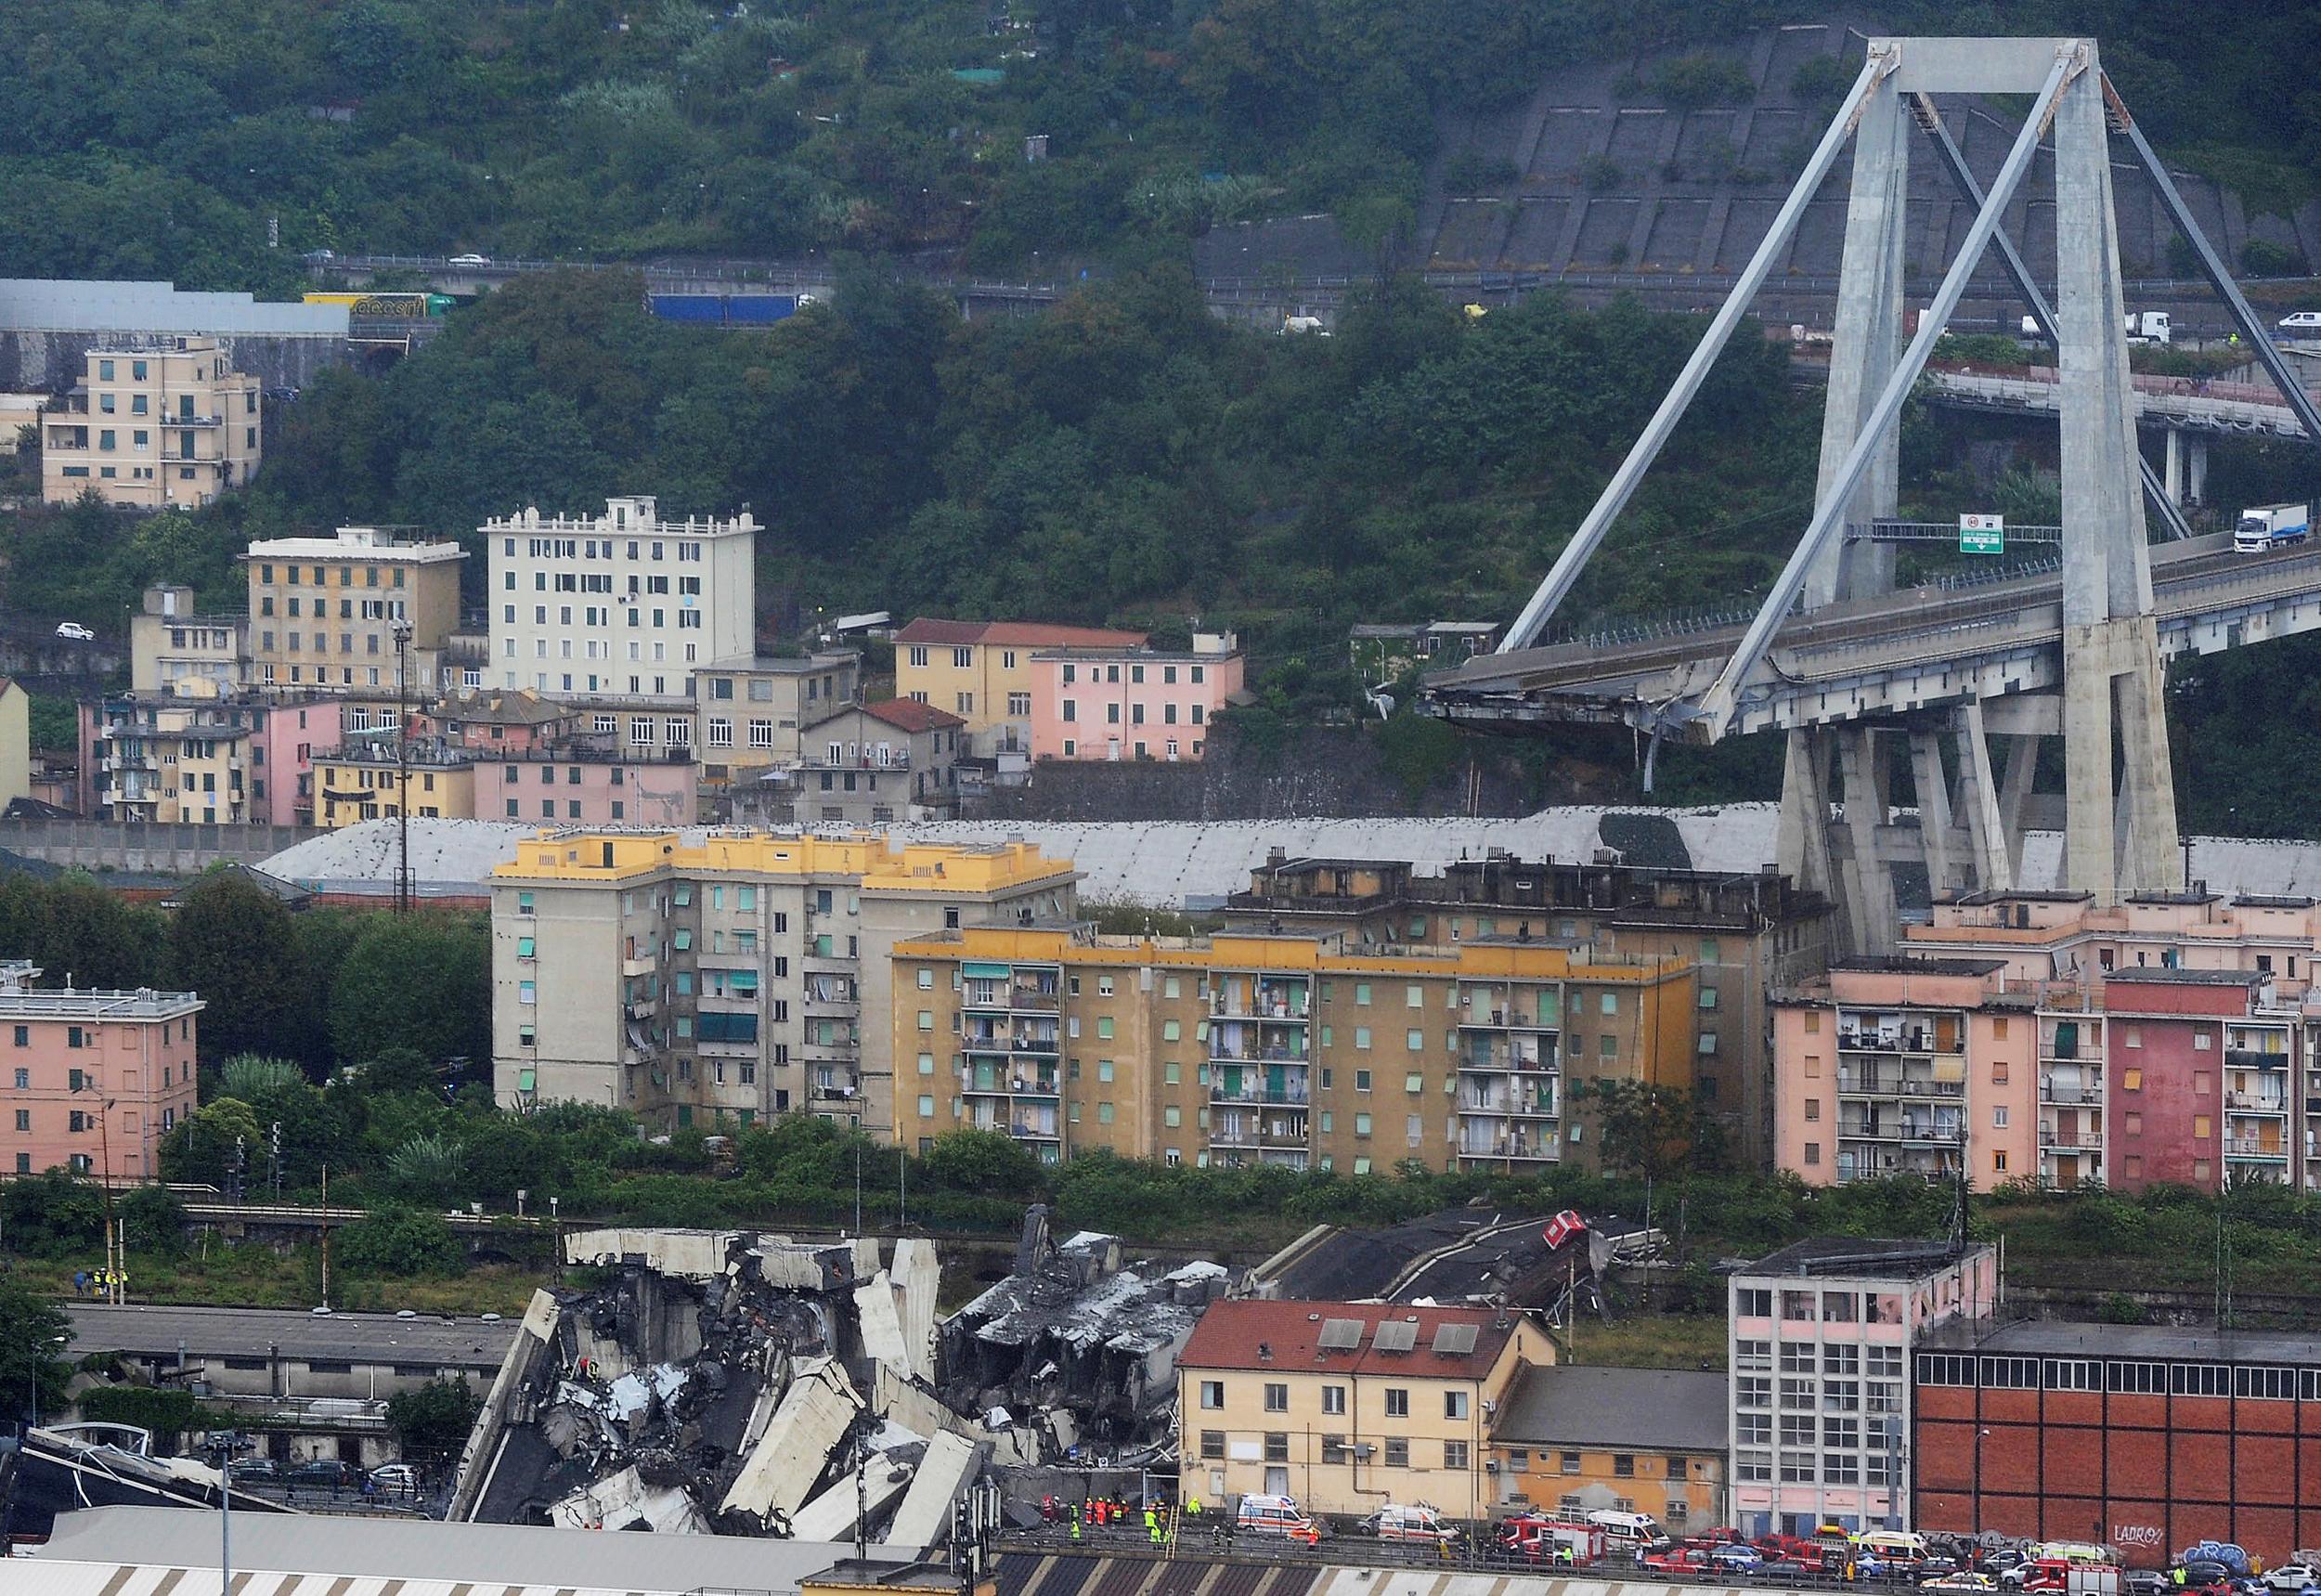 Highway Bridge Collapses In Genoa Italy 23 Confirmed Dead